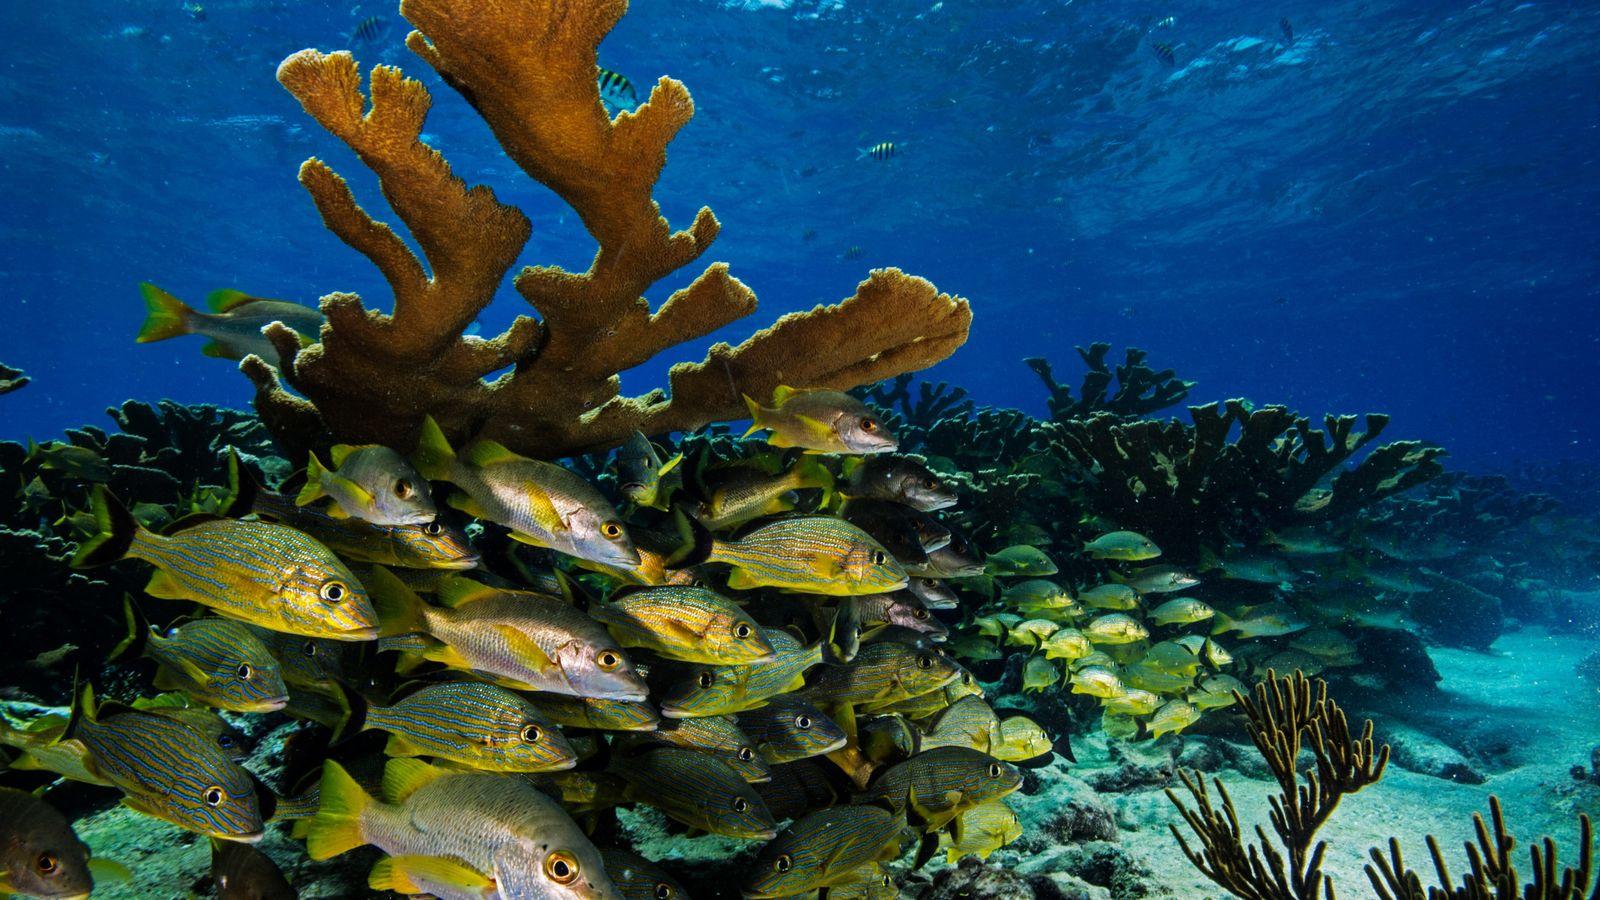 Cardumes de cocorocas-bocas-de-fogo e carapitingas preenchem o espaço entre os ramos largos do coral-chifre-de-alce. De crescimento ...